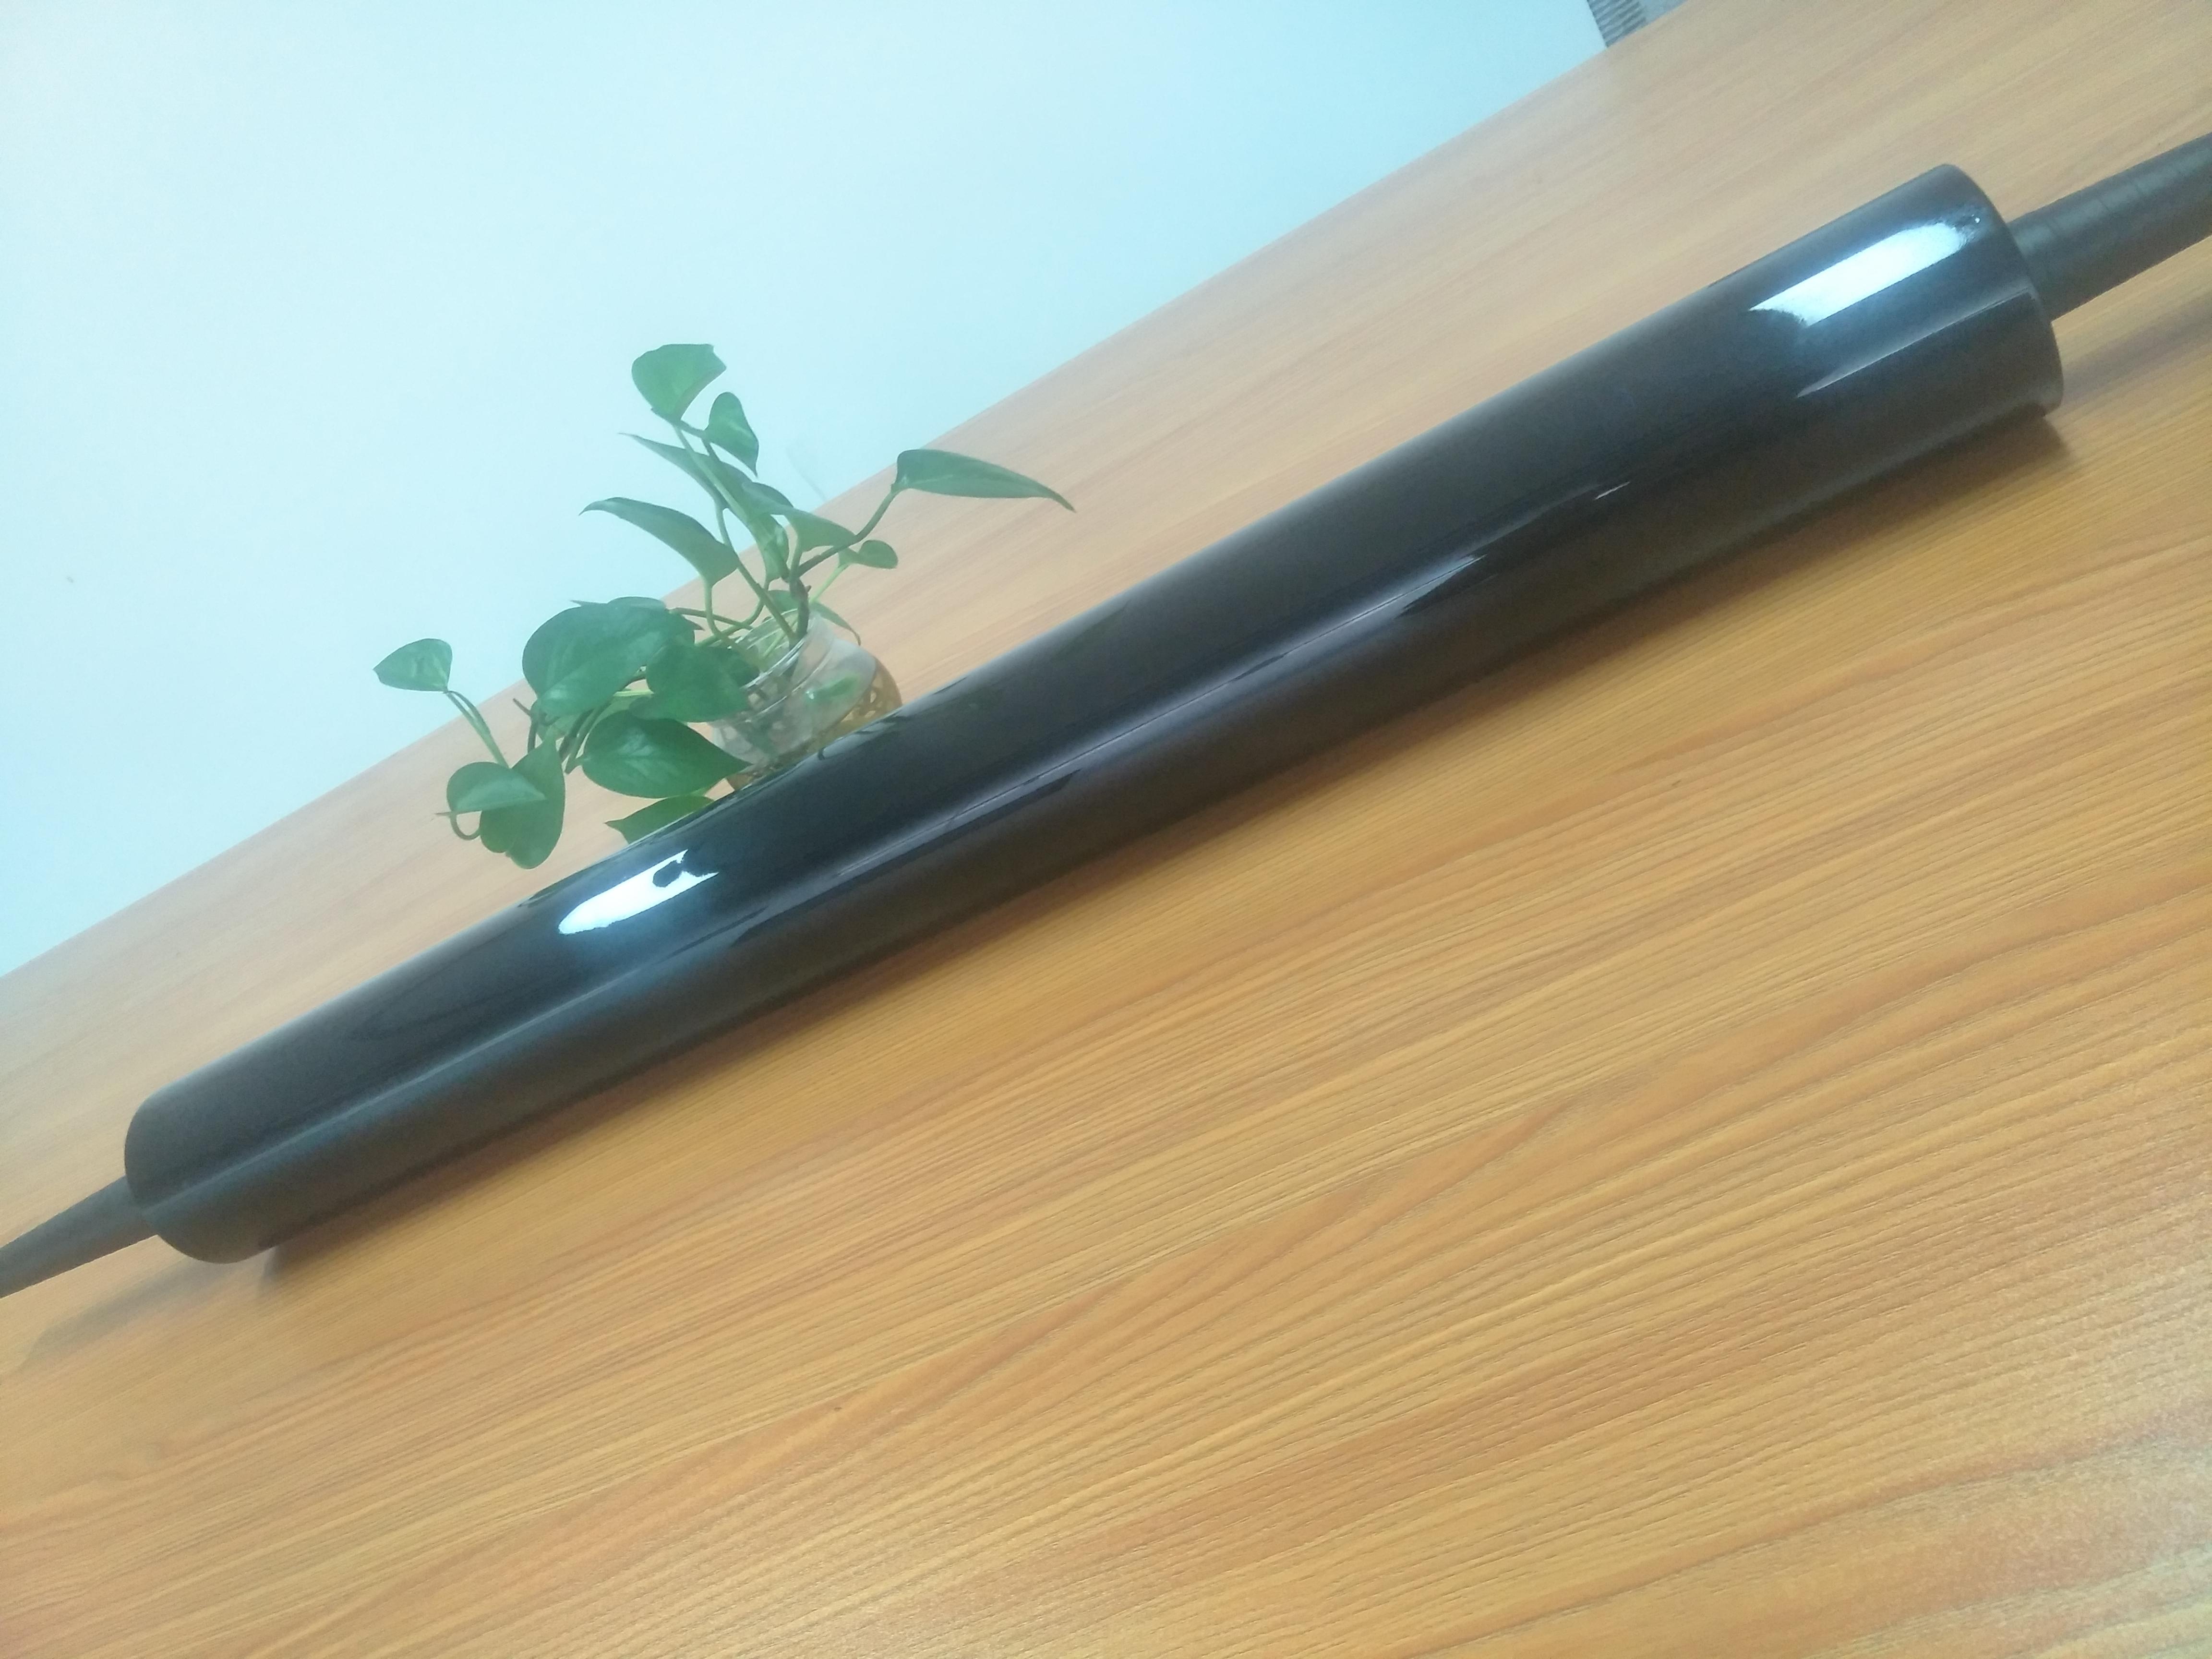 专业生产炭纤维辊,批发定制炭纤维辊,高强度辊